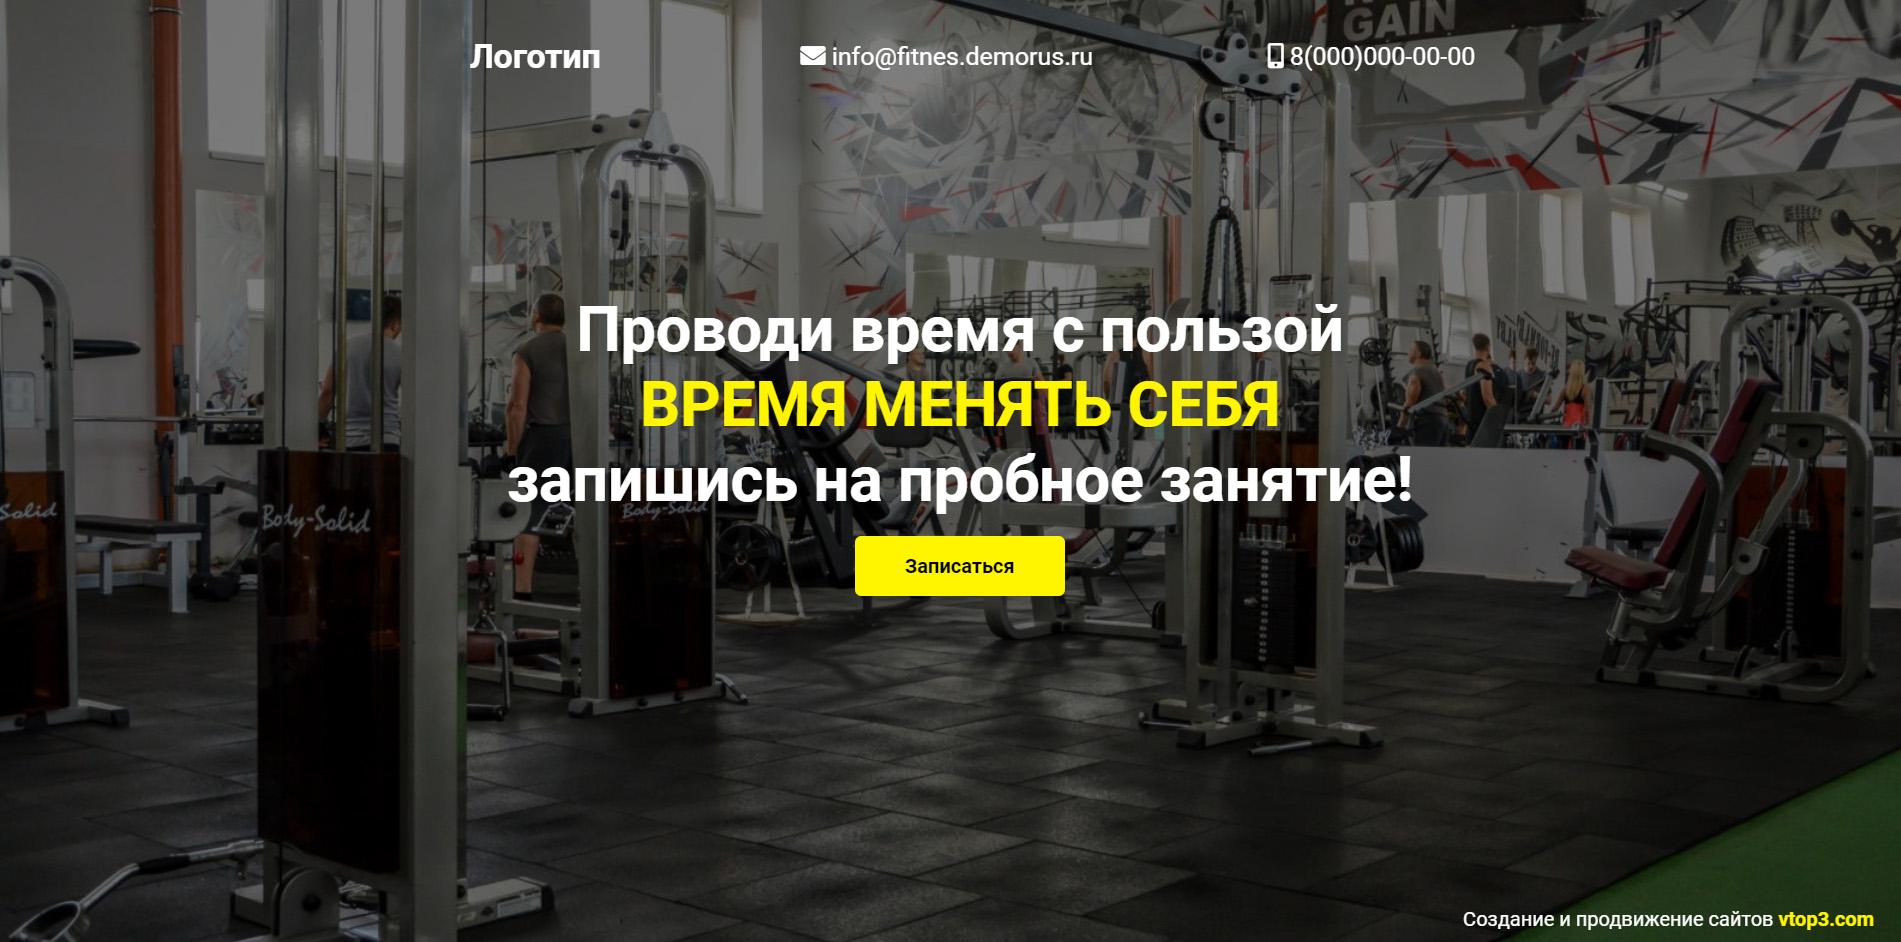 Создание Квиз Сайта